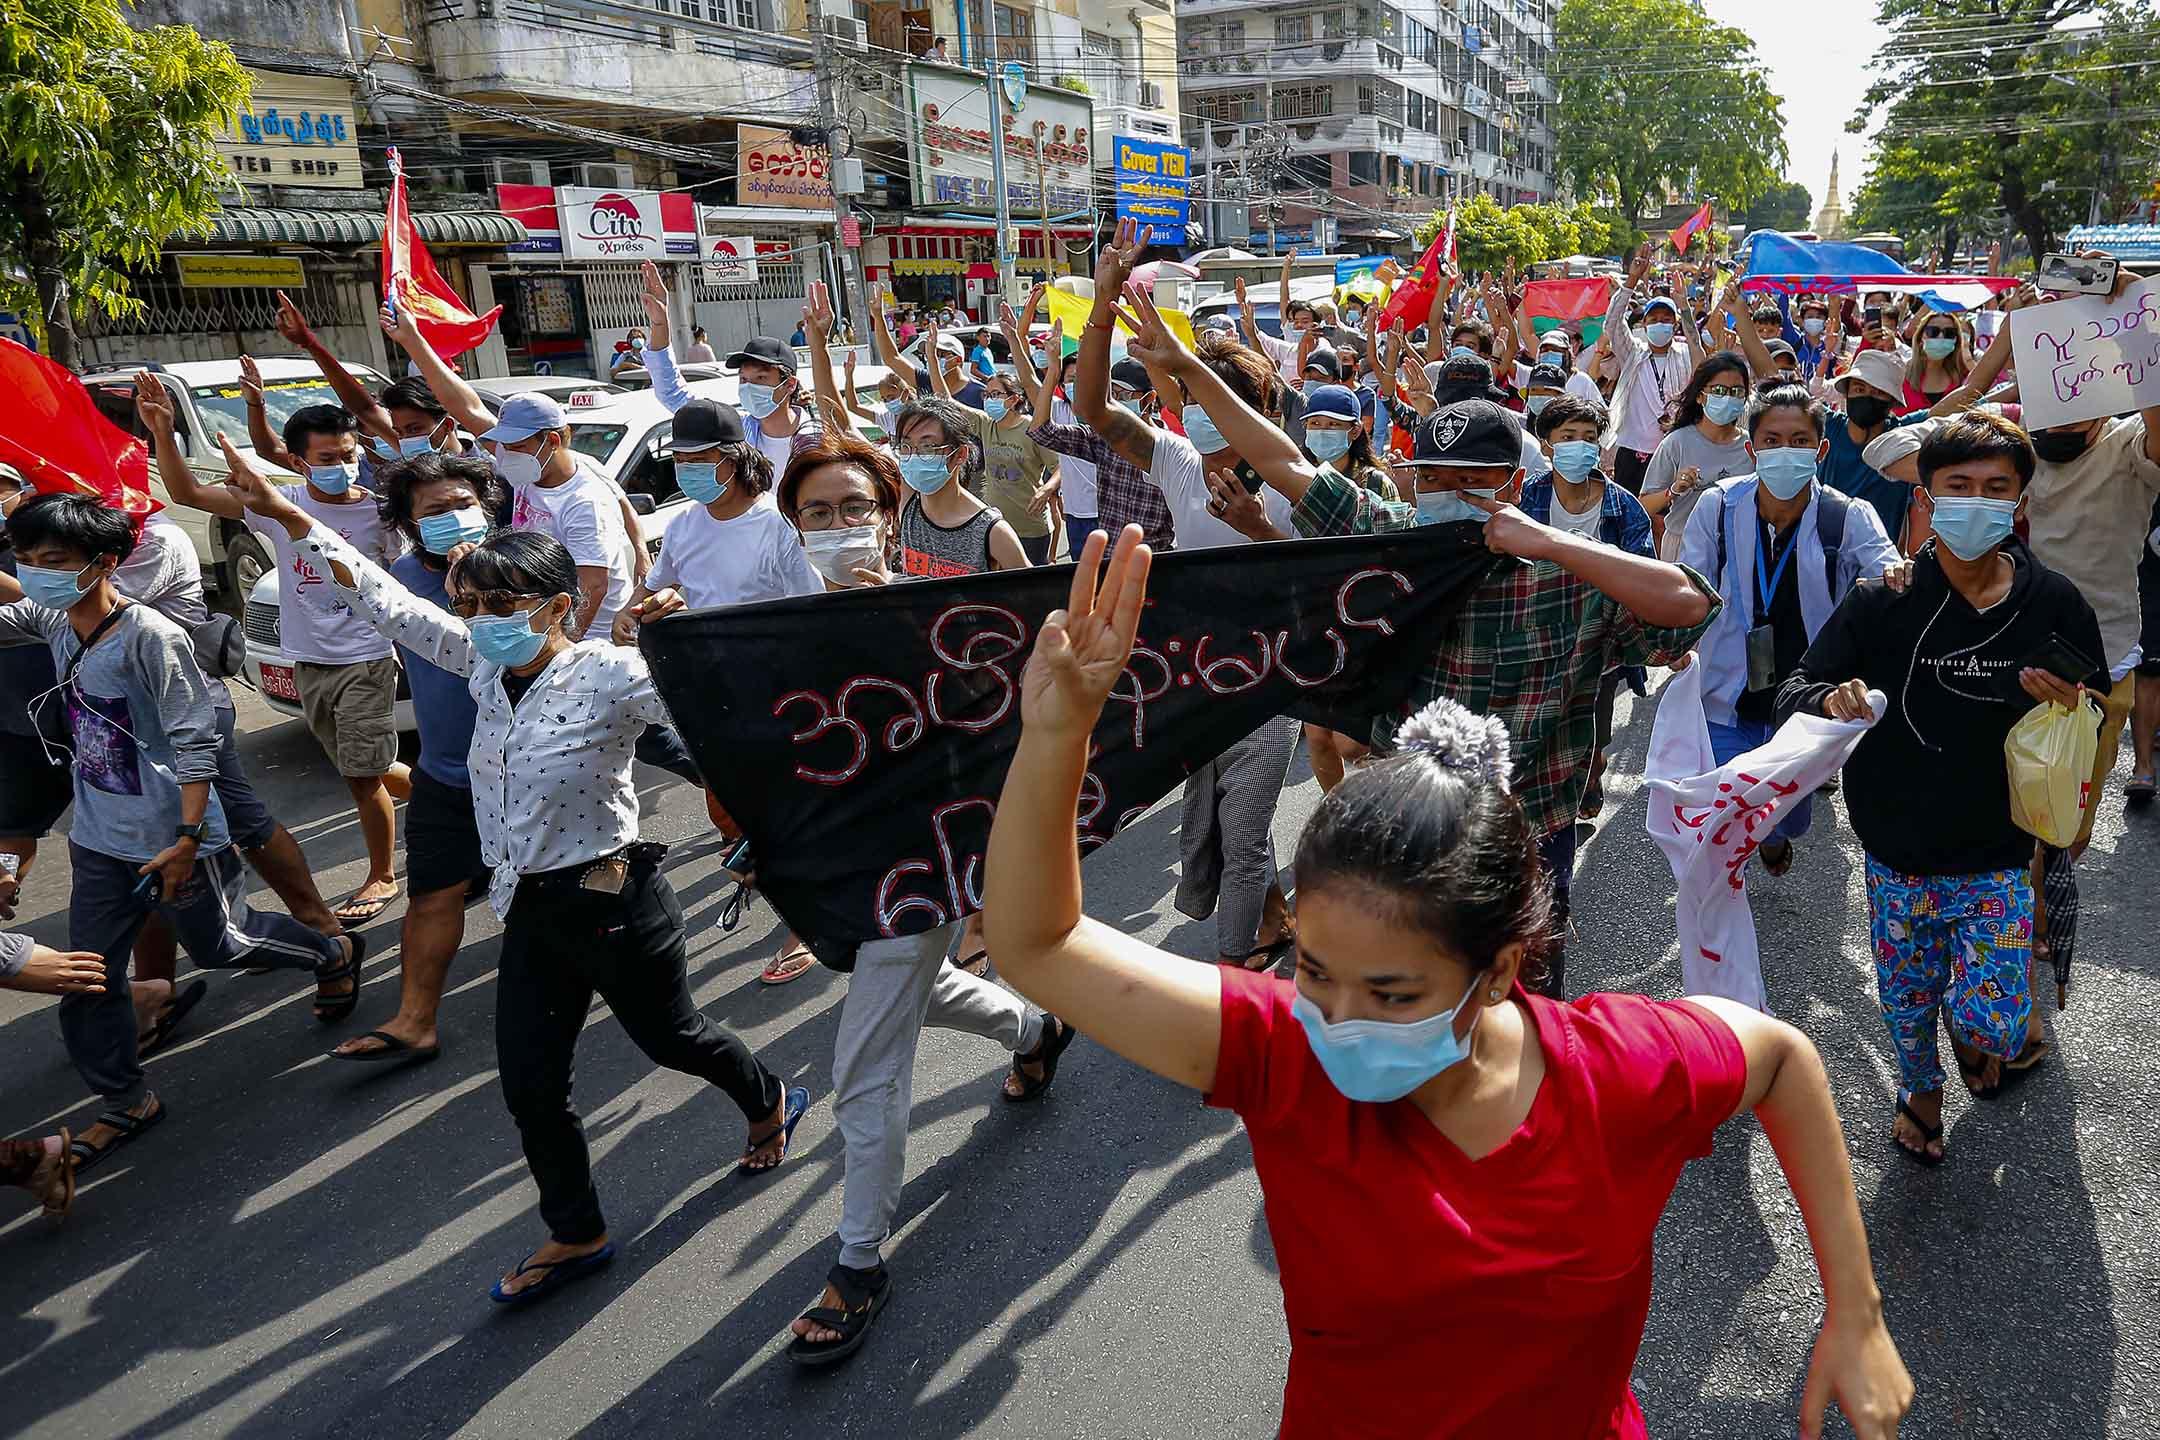 2021年5月6日緬甸仰光,示威者於遊行期間展示三指禮。  攝:Myat Thu Kyaw/NurPhoto via Getty Images